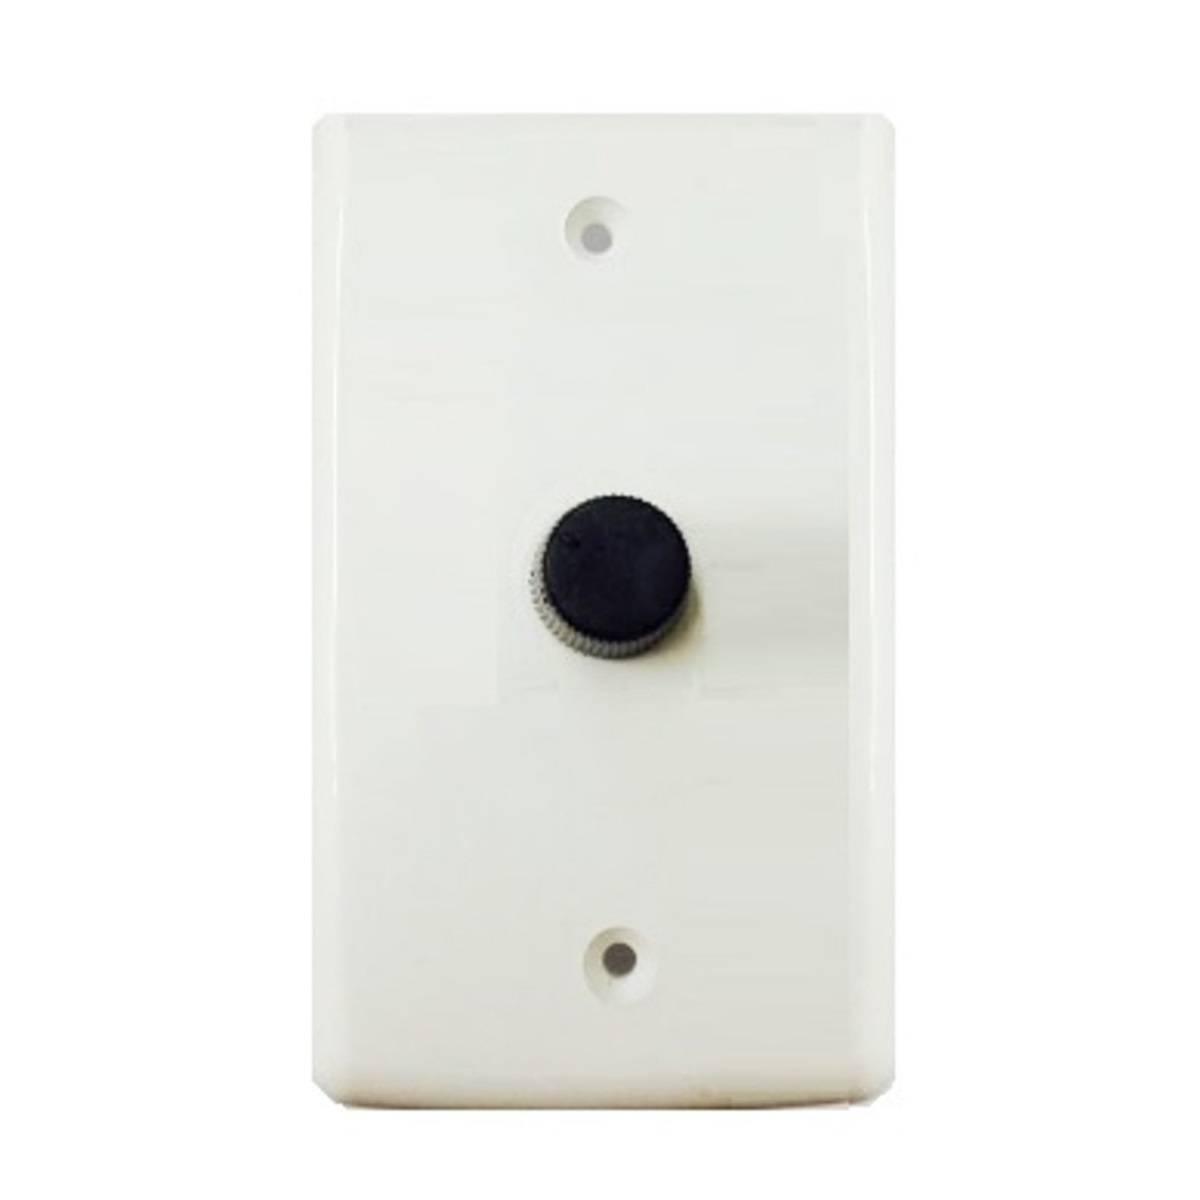 Ventilador de Parede Oscilante 50cm Preto Turbão 130W Bivolt - LCGELETRO